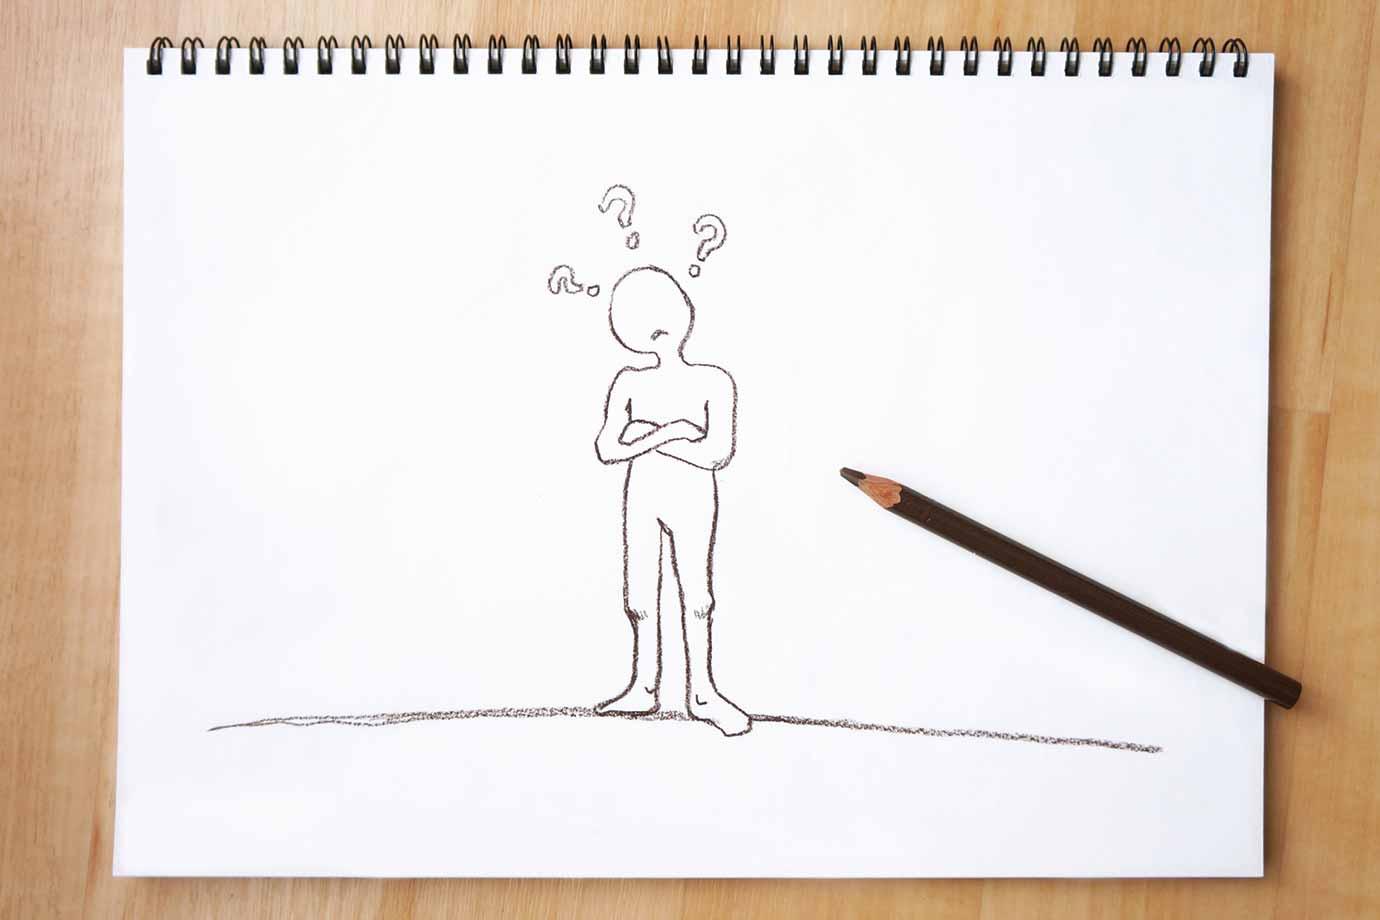 ダブルバインドとは、二つの矛盾したメッセージを出すことで、相手を混乱させる可能性のあるコミュニケーションのこと